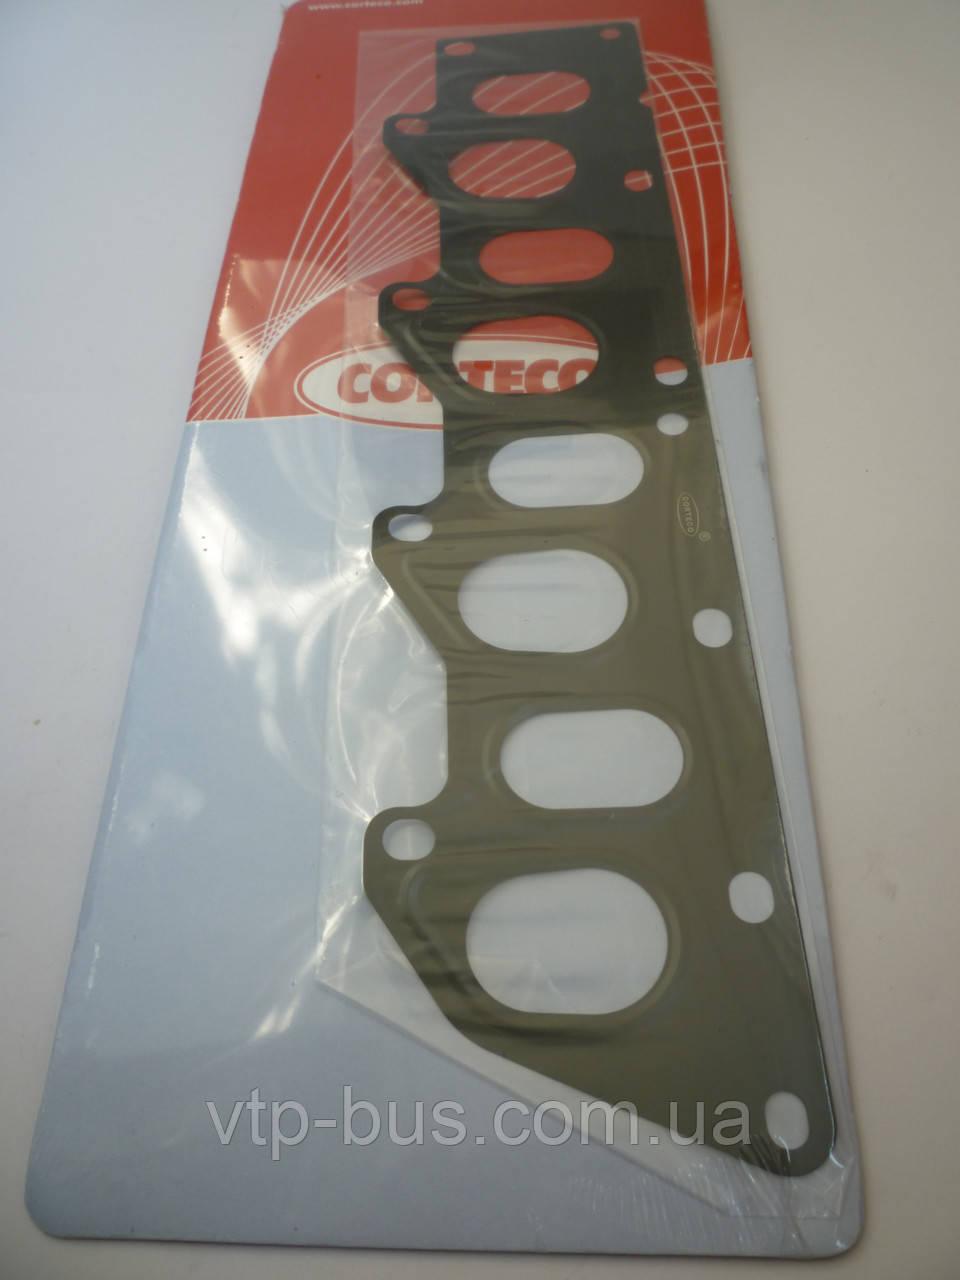 Прокладка коллектора (впуск / выпуск) на Renault Trafic 1.9dCi с 2001... Corteco (Италия), CO025001P